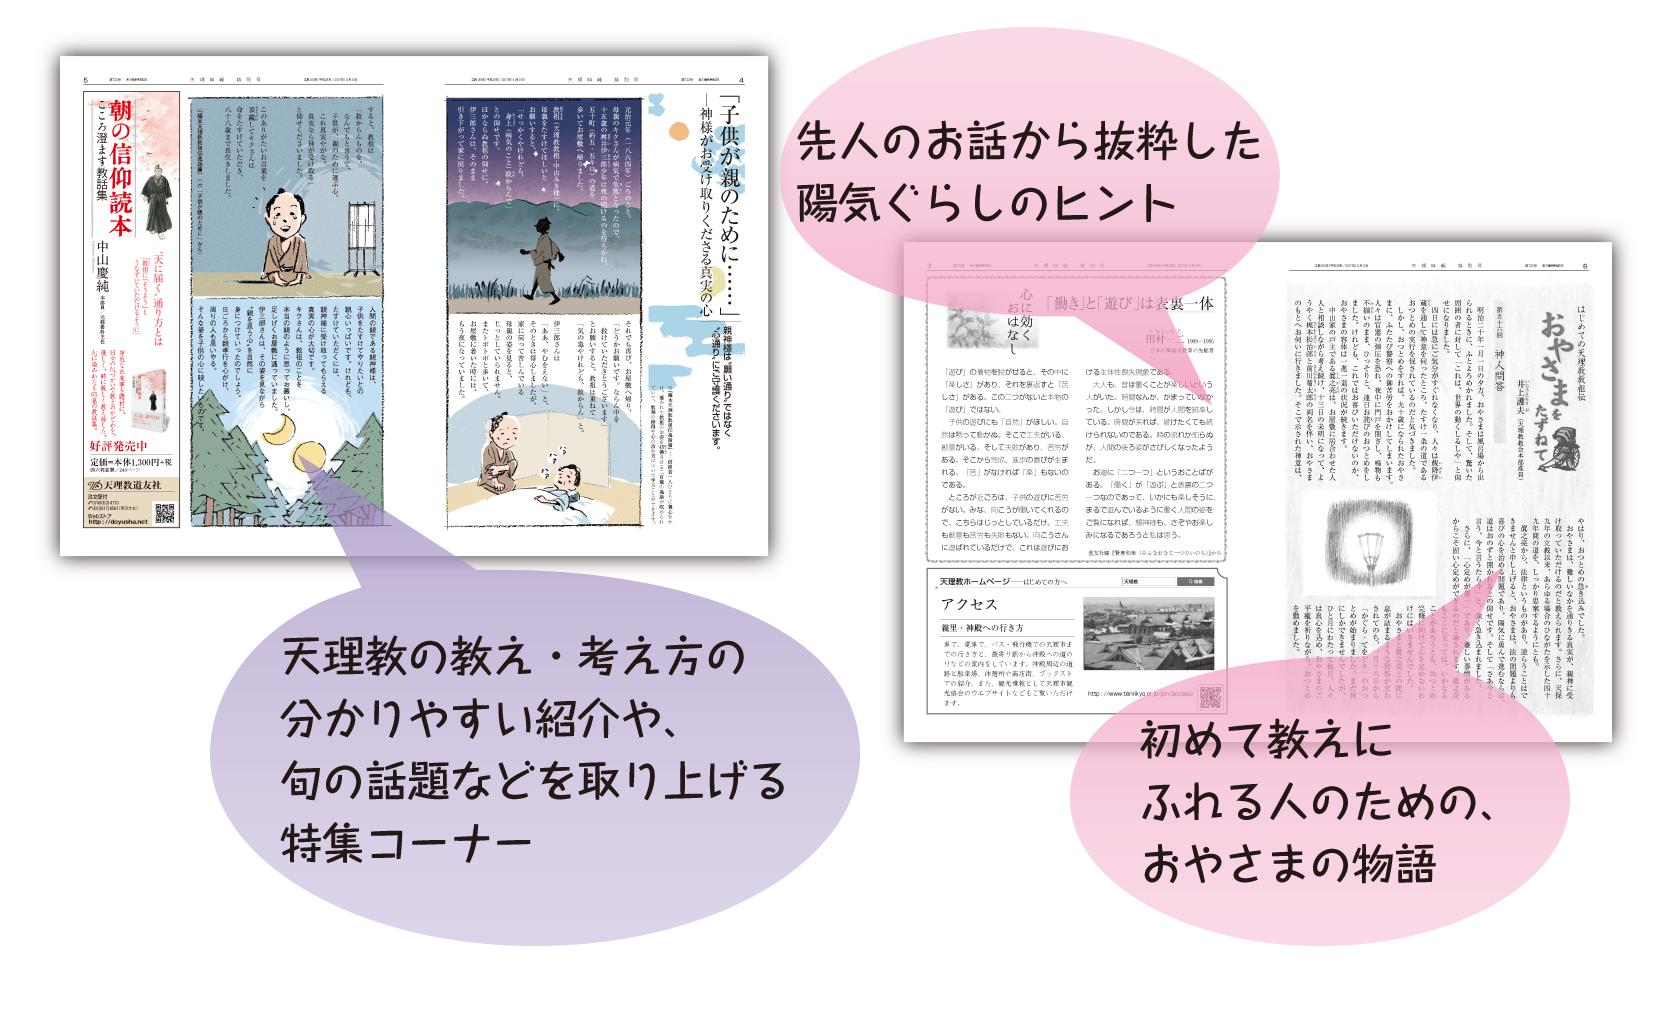 人間いきいき新聞の紙面2